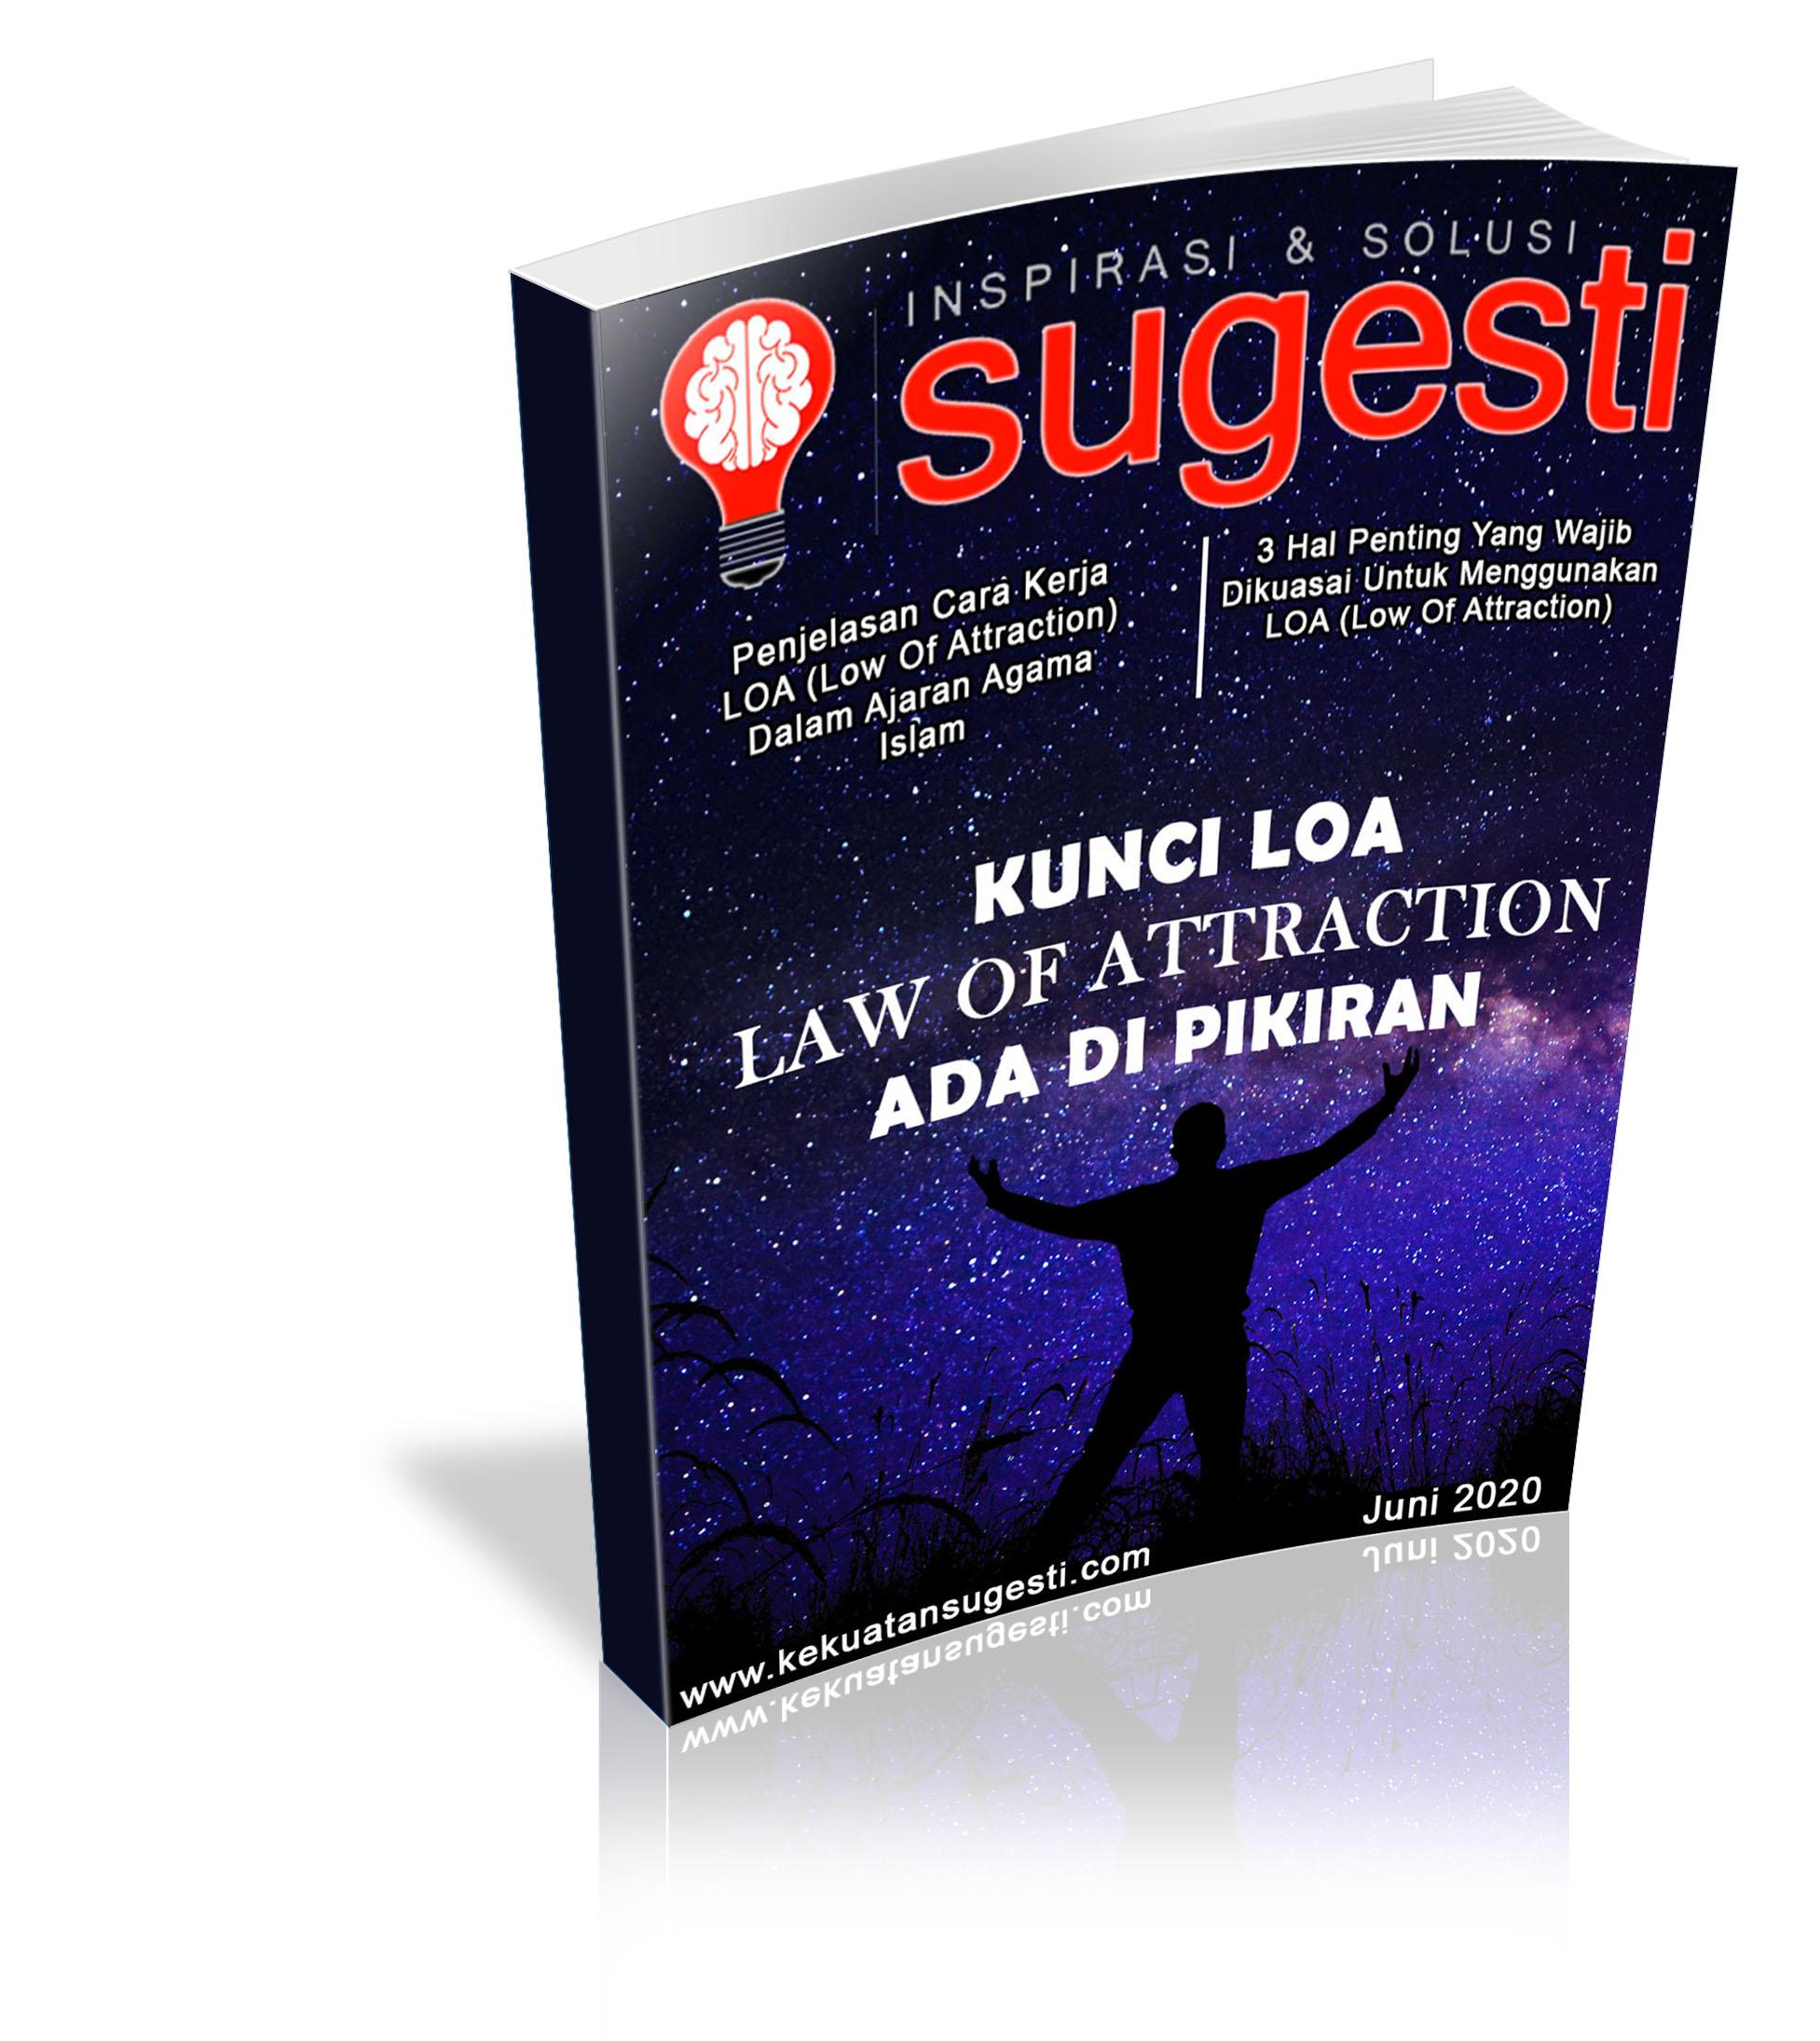 Majalah Sugesti Edisi ke Tujuhpuluh Dua bulan Juni 2020